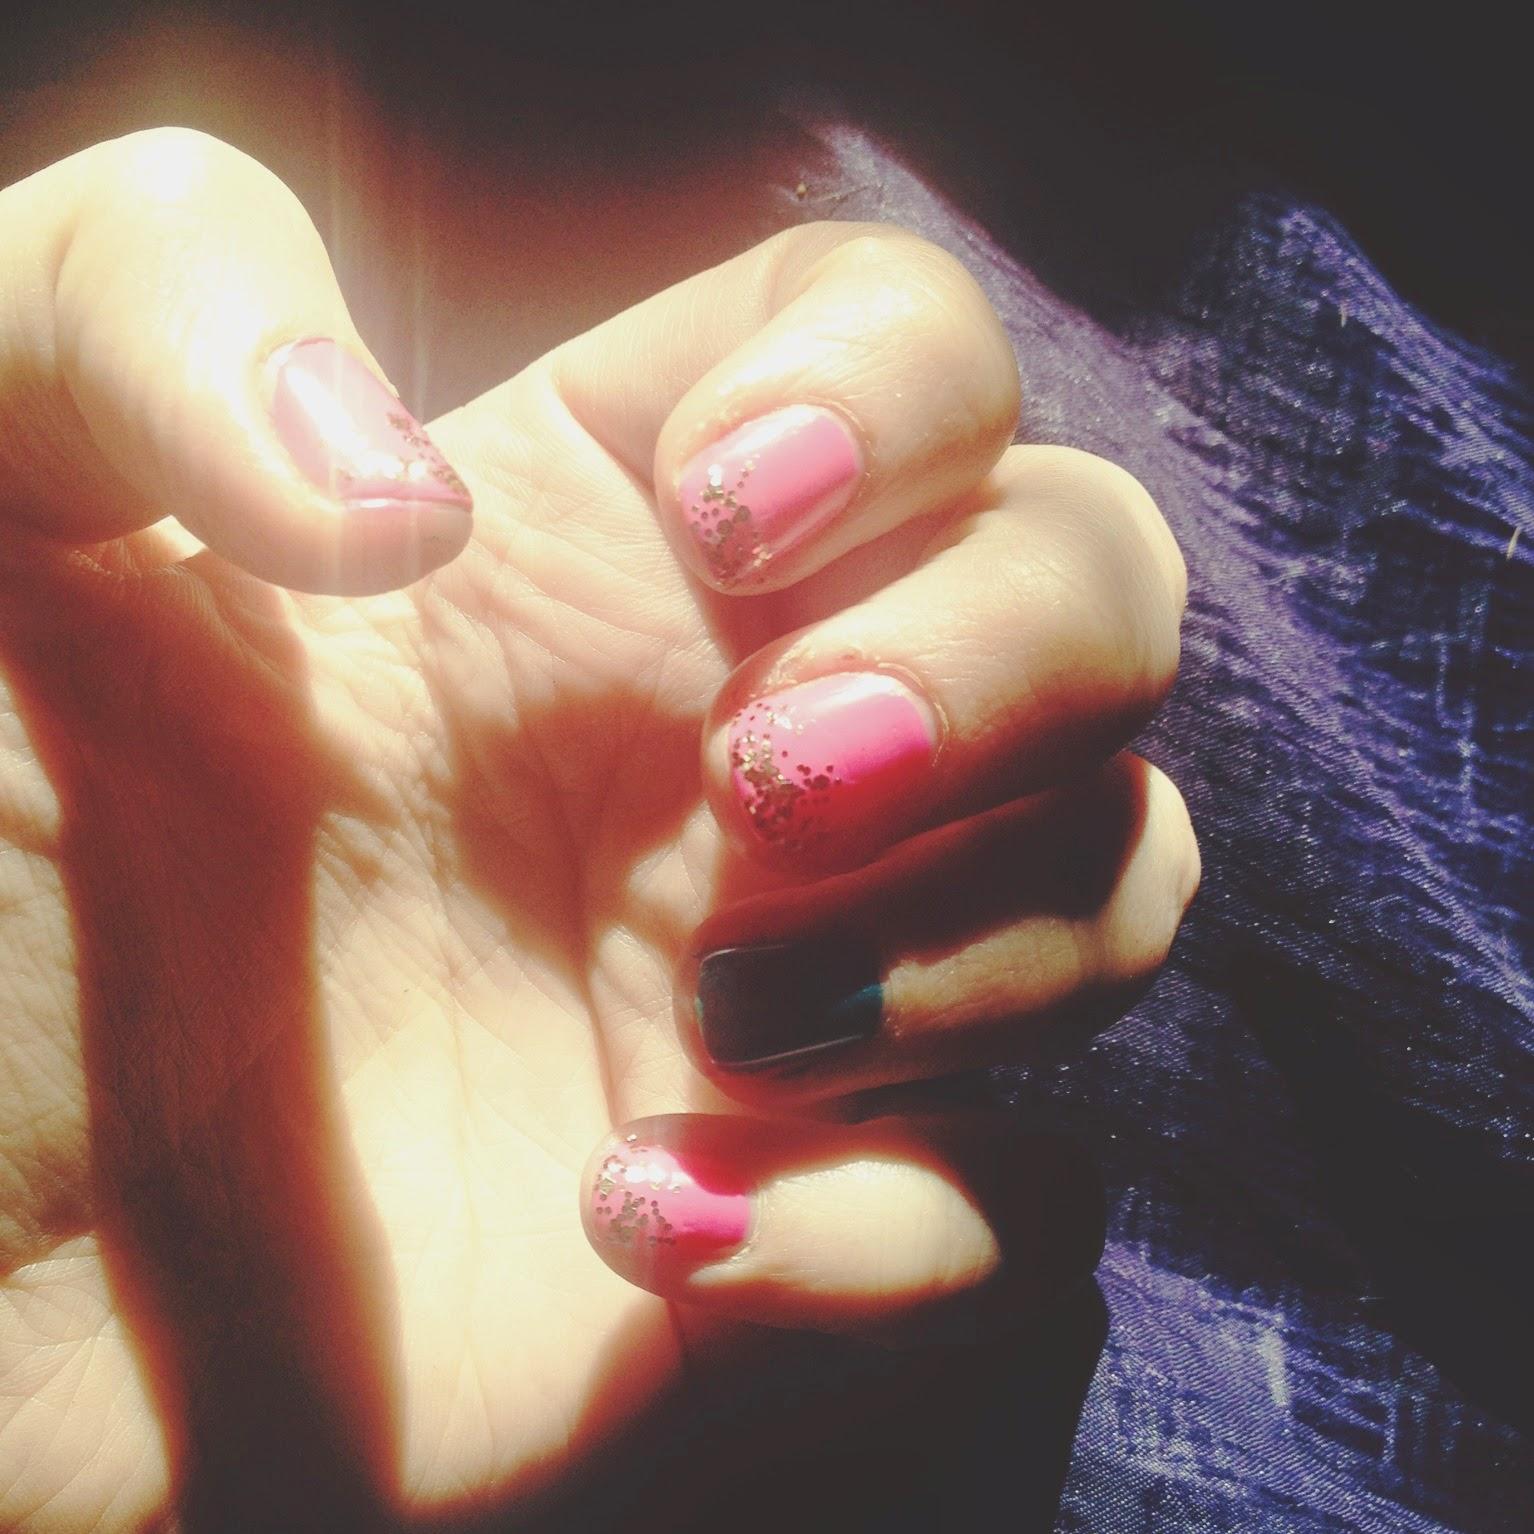 urban decay, nail image, photography image, pink nails image, summer nails, glitter nails